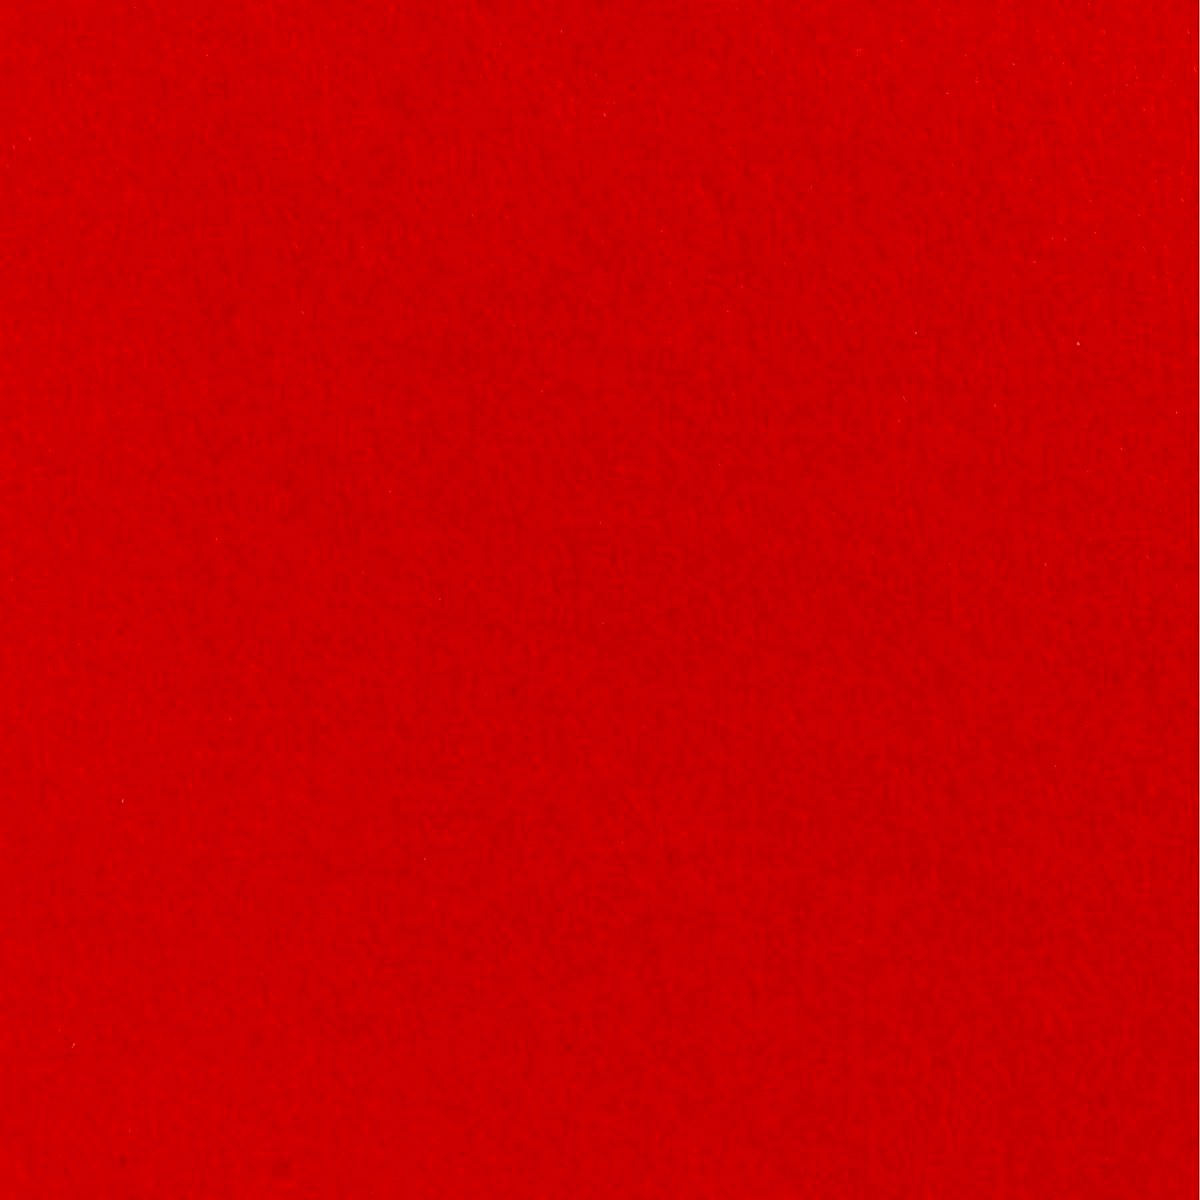 Röd [+1 955 kr]